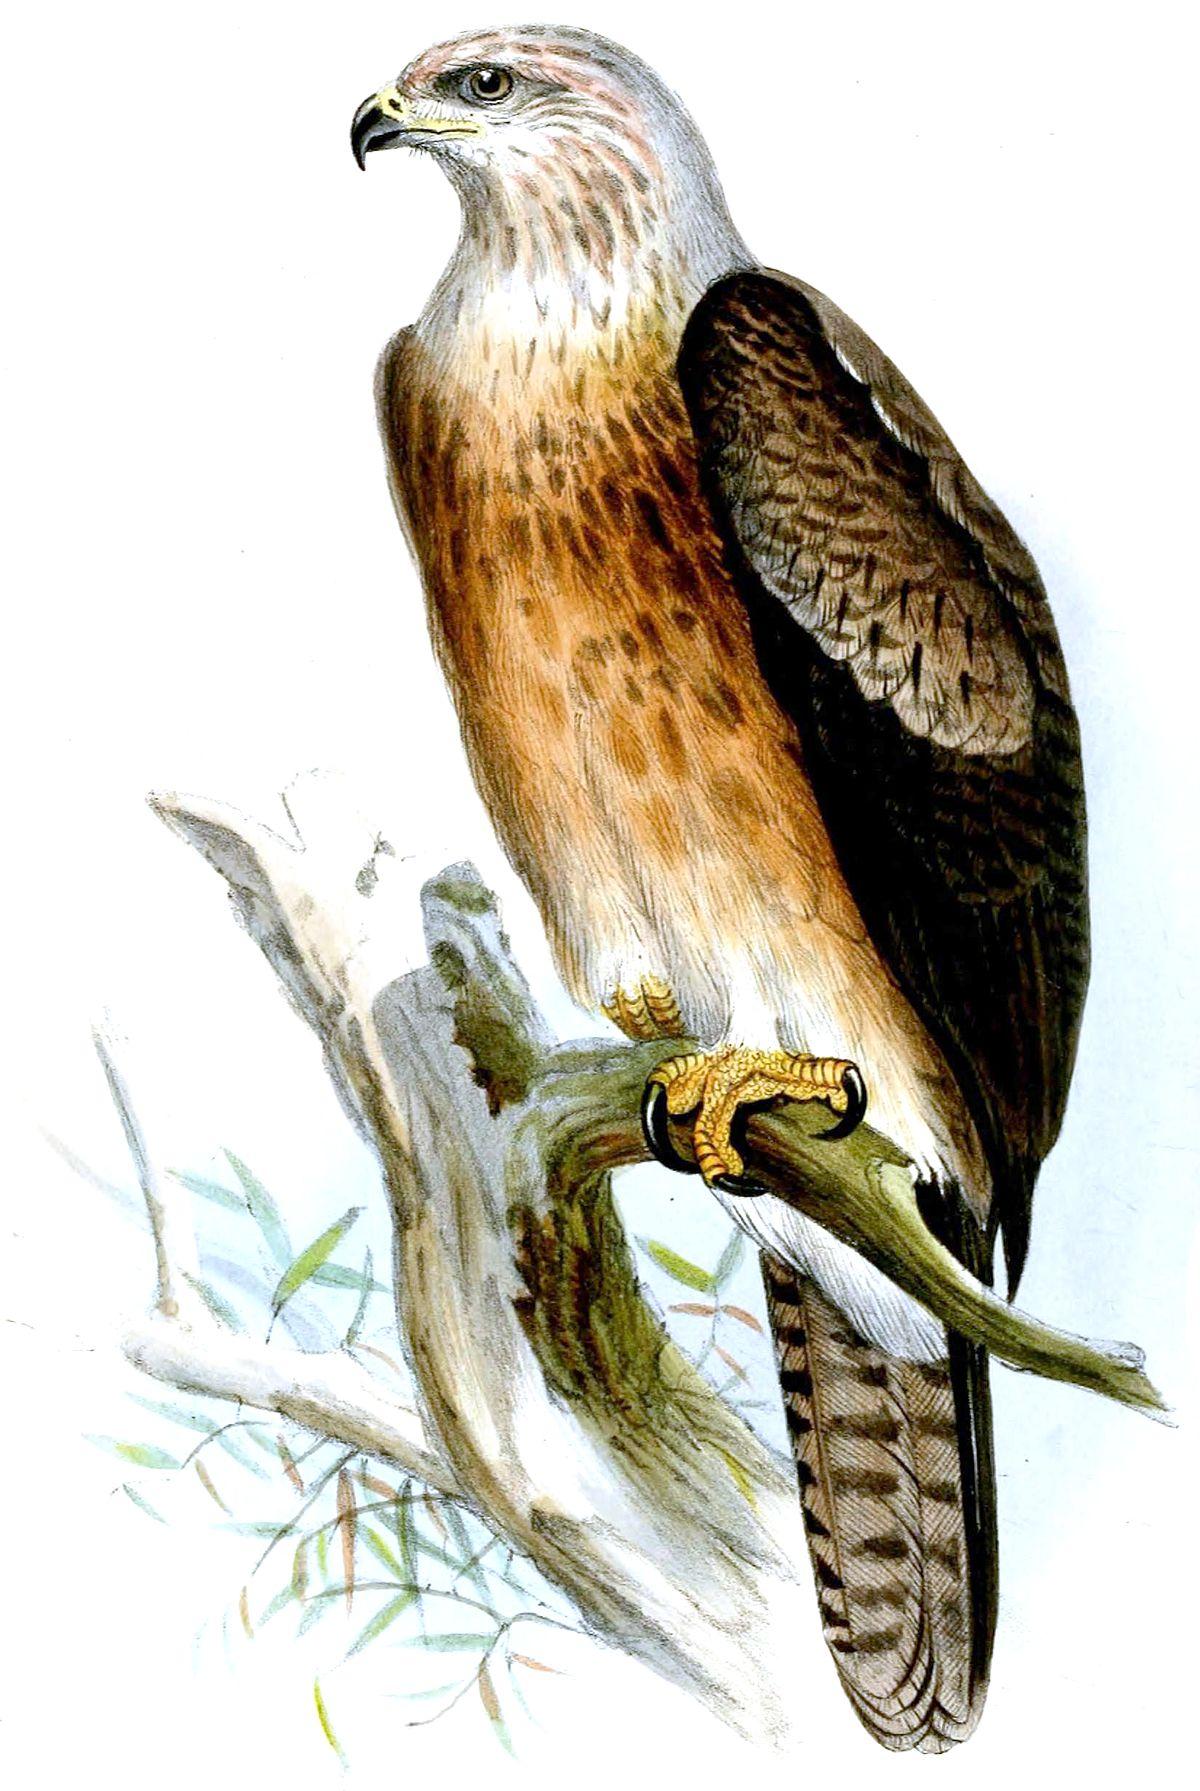 gurney u0026 39 s eagle